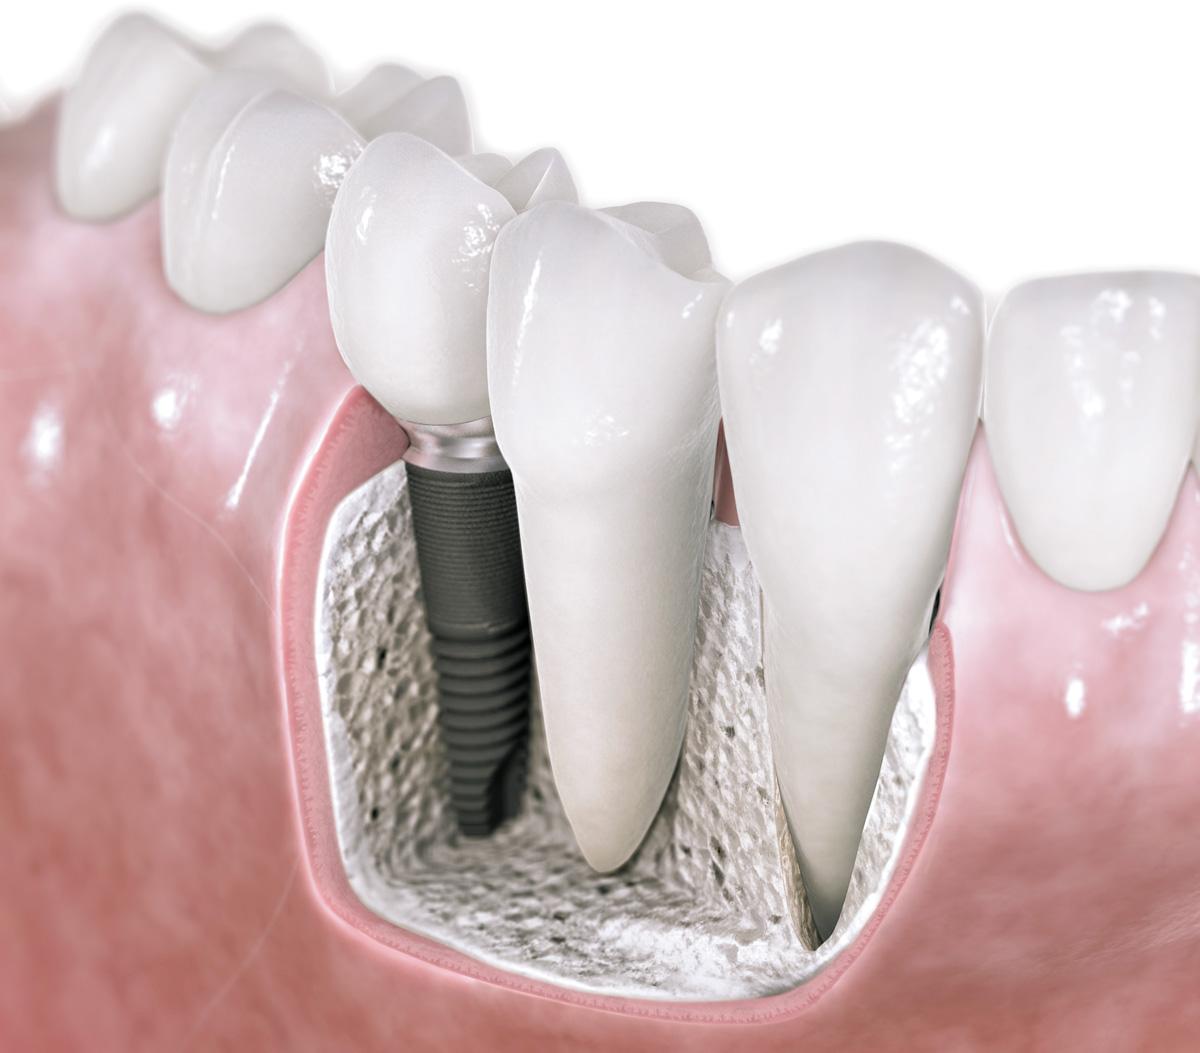 Prime Dental Implanty